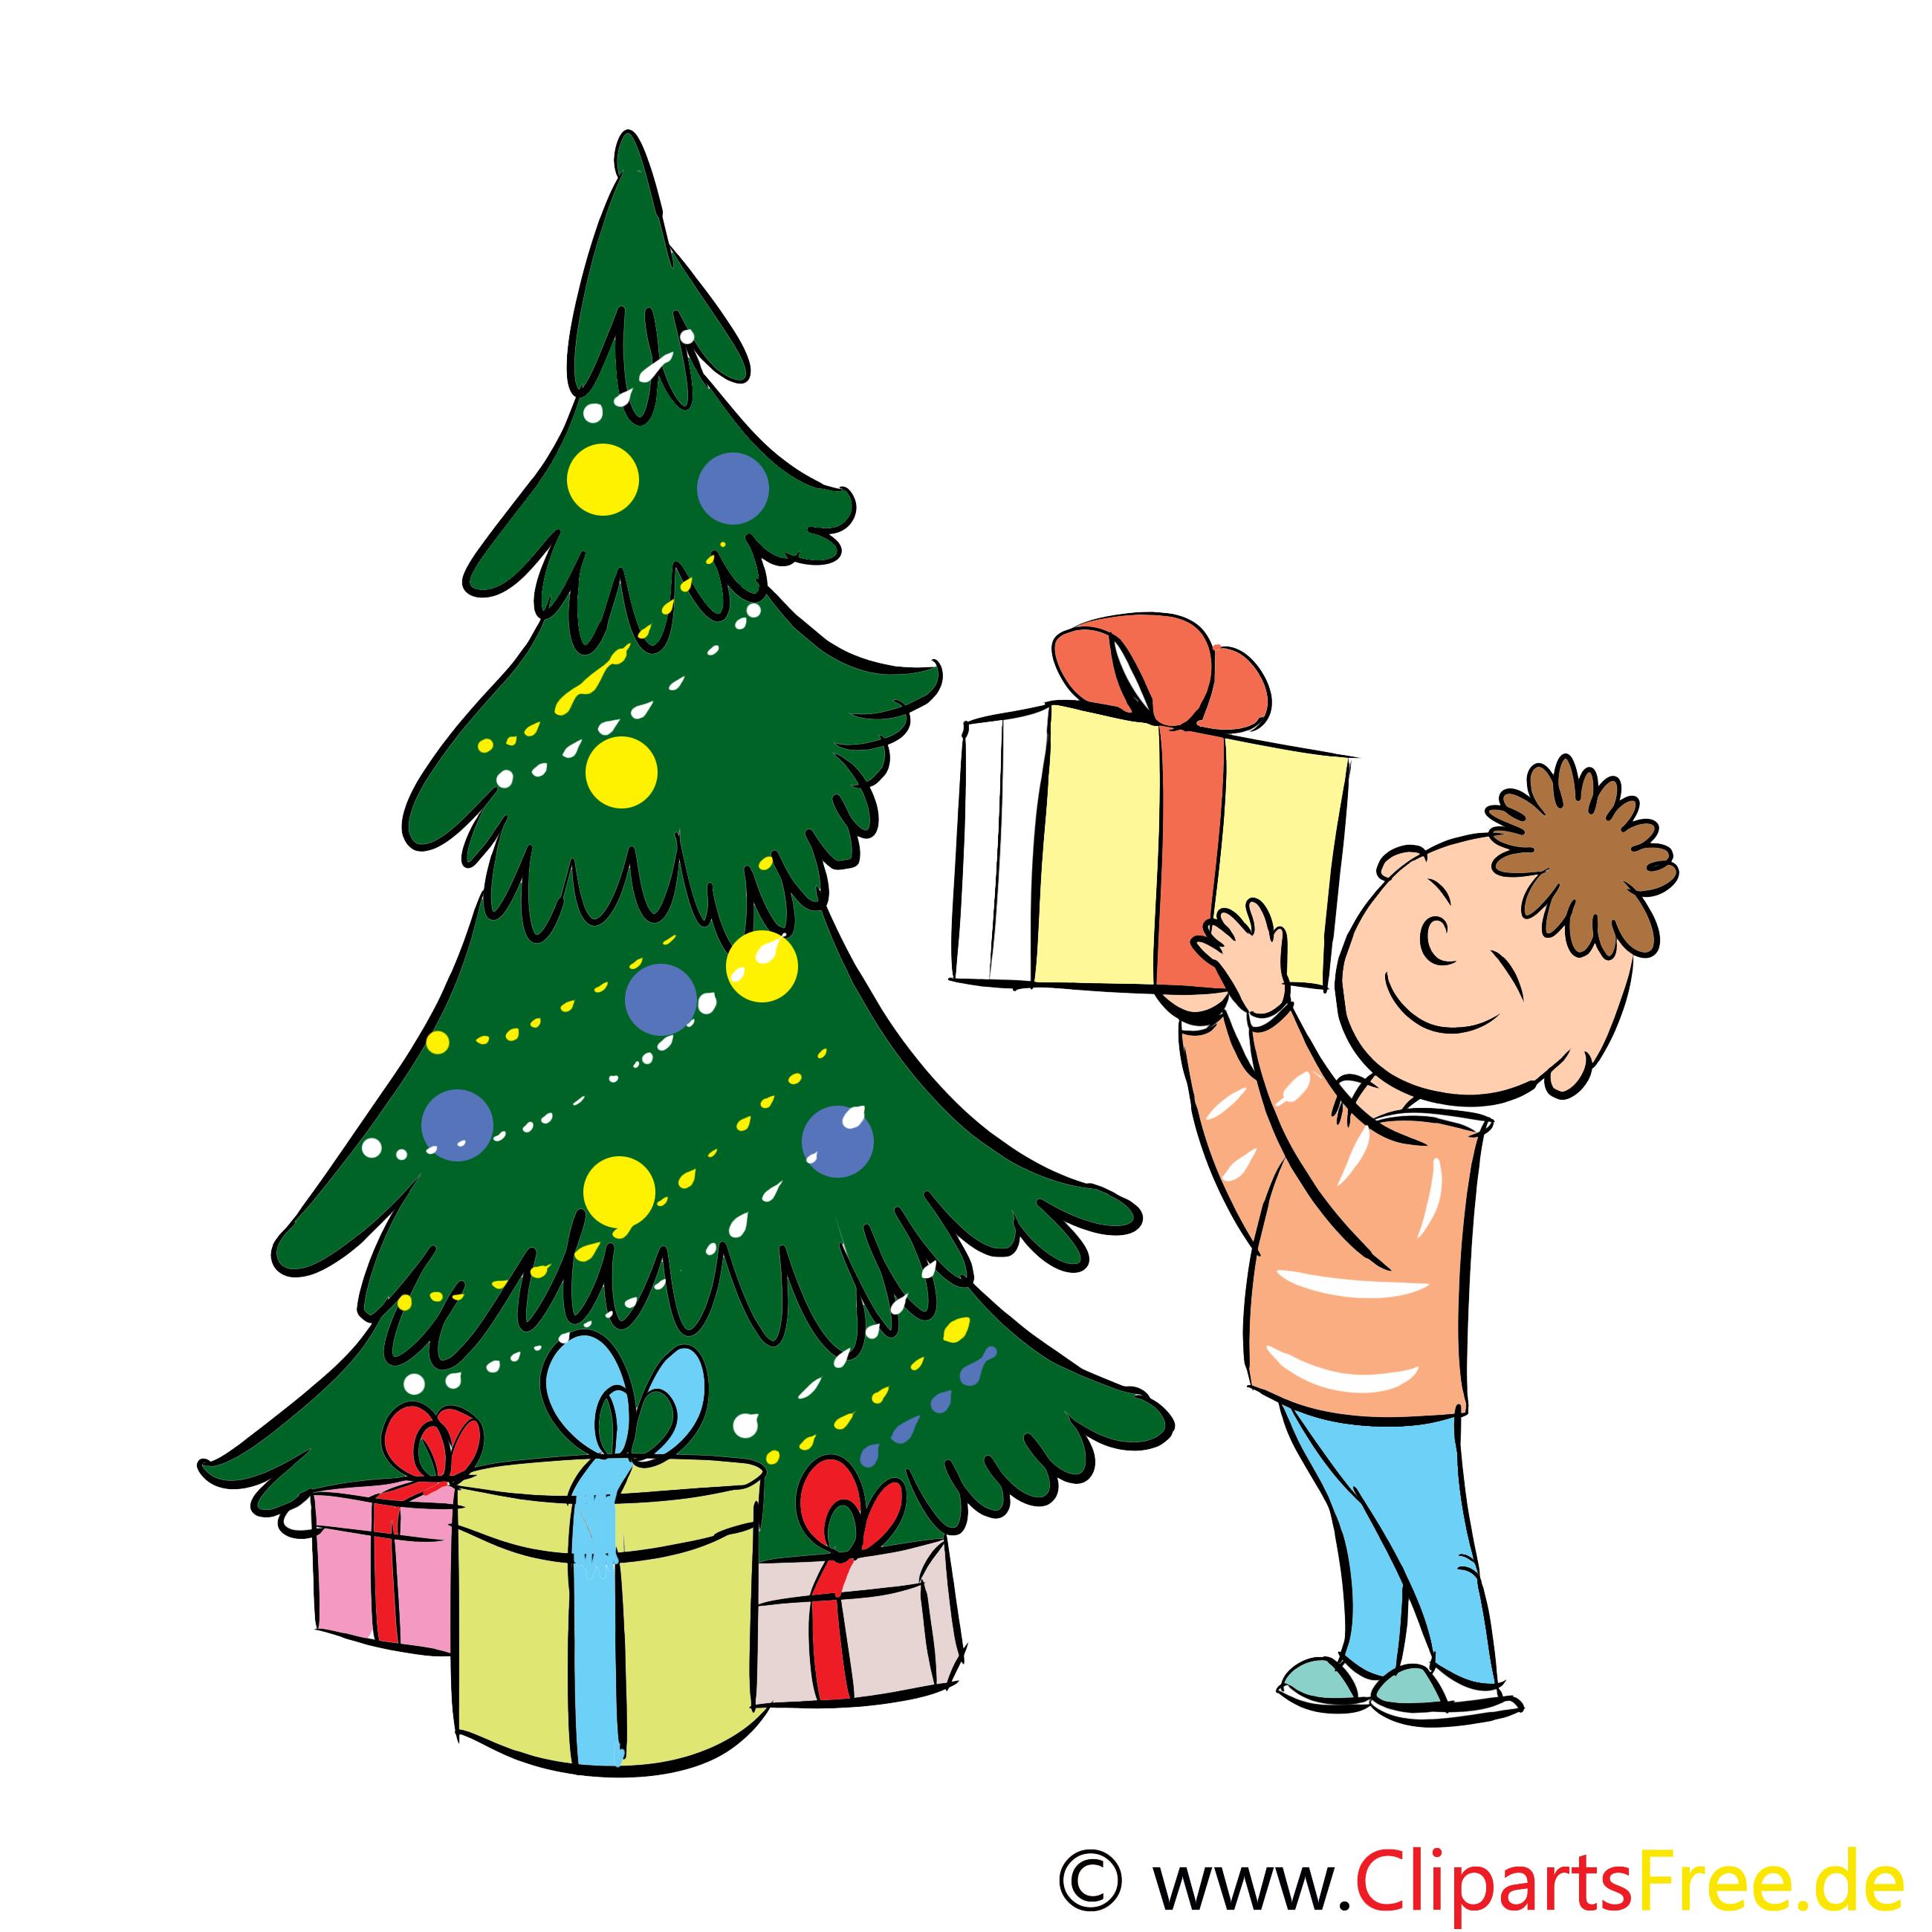 Adventbilder Mit Weihnachtsbaum Weihnachtsgeschenken Und Weihnachtsdeko